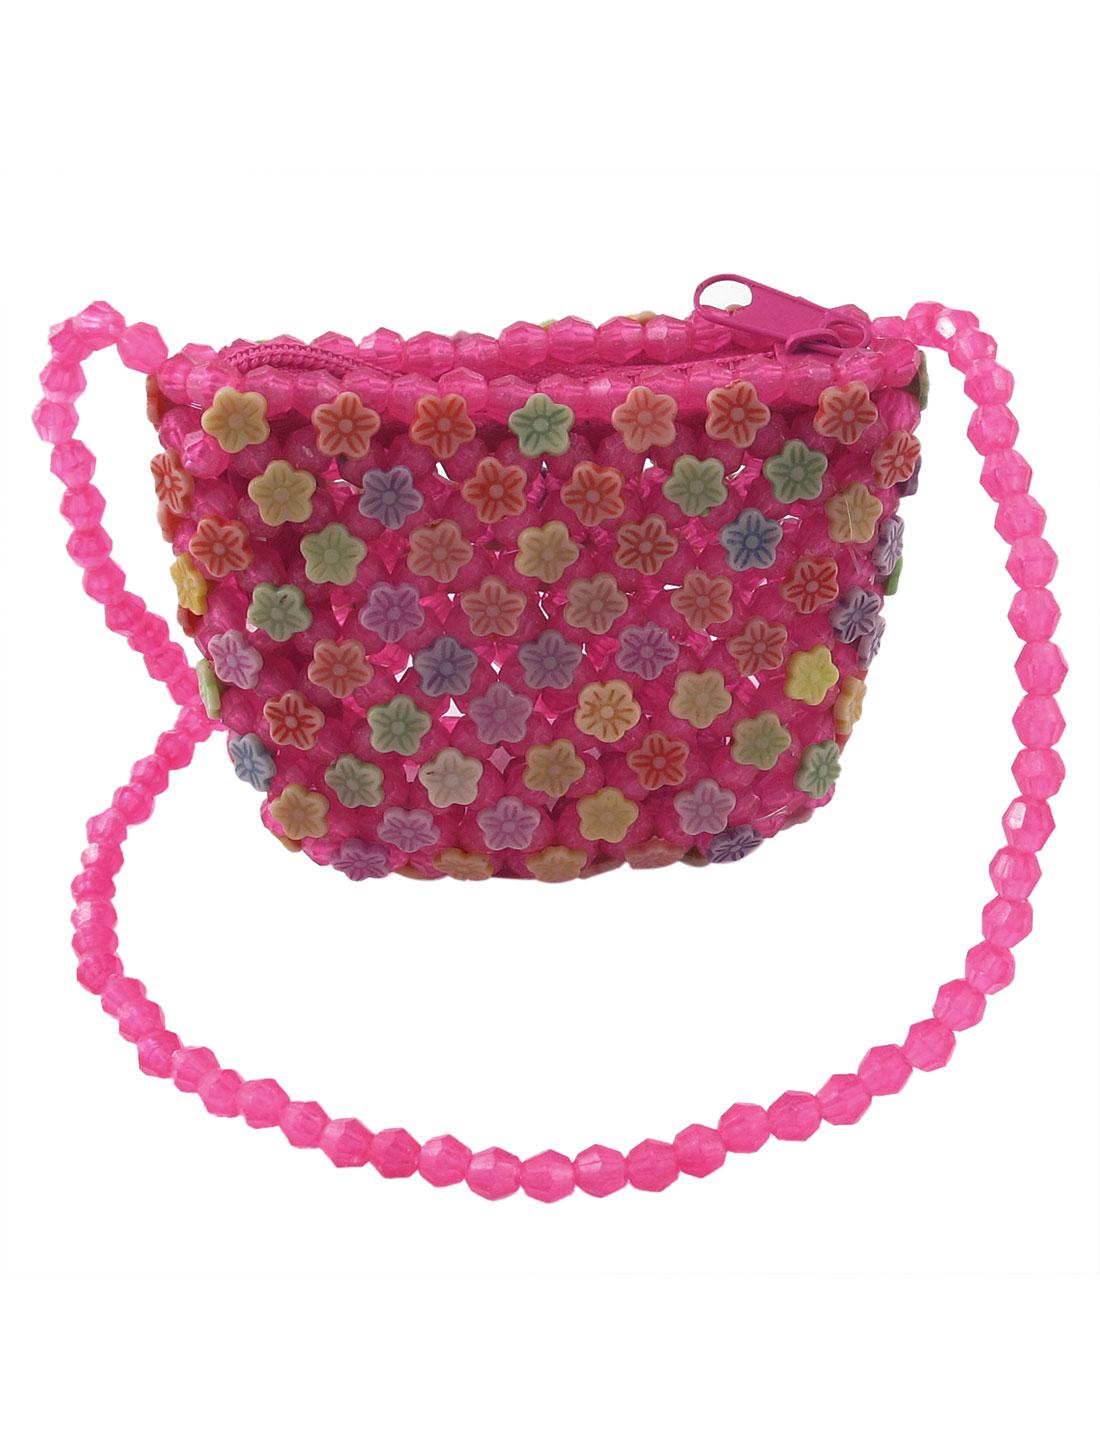 Girls Flower Detail Zipper Closure Hollow Out Beading Cross-Body Bag Pink